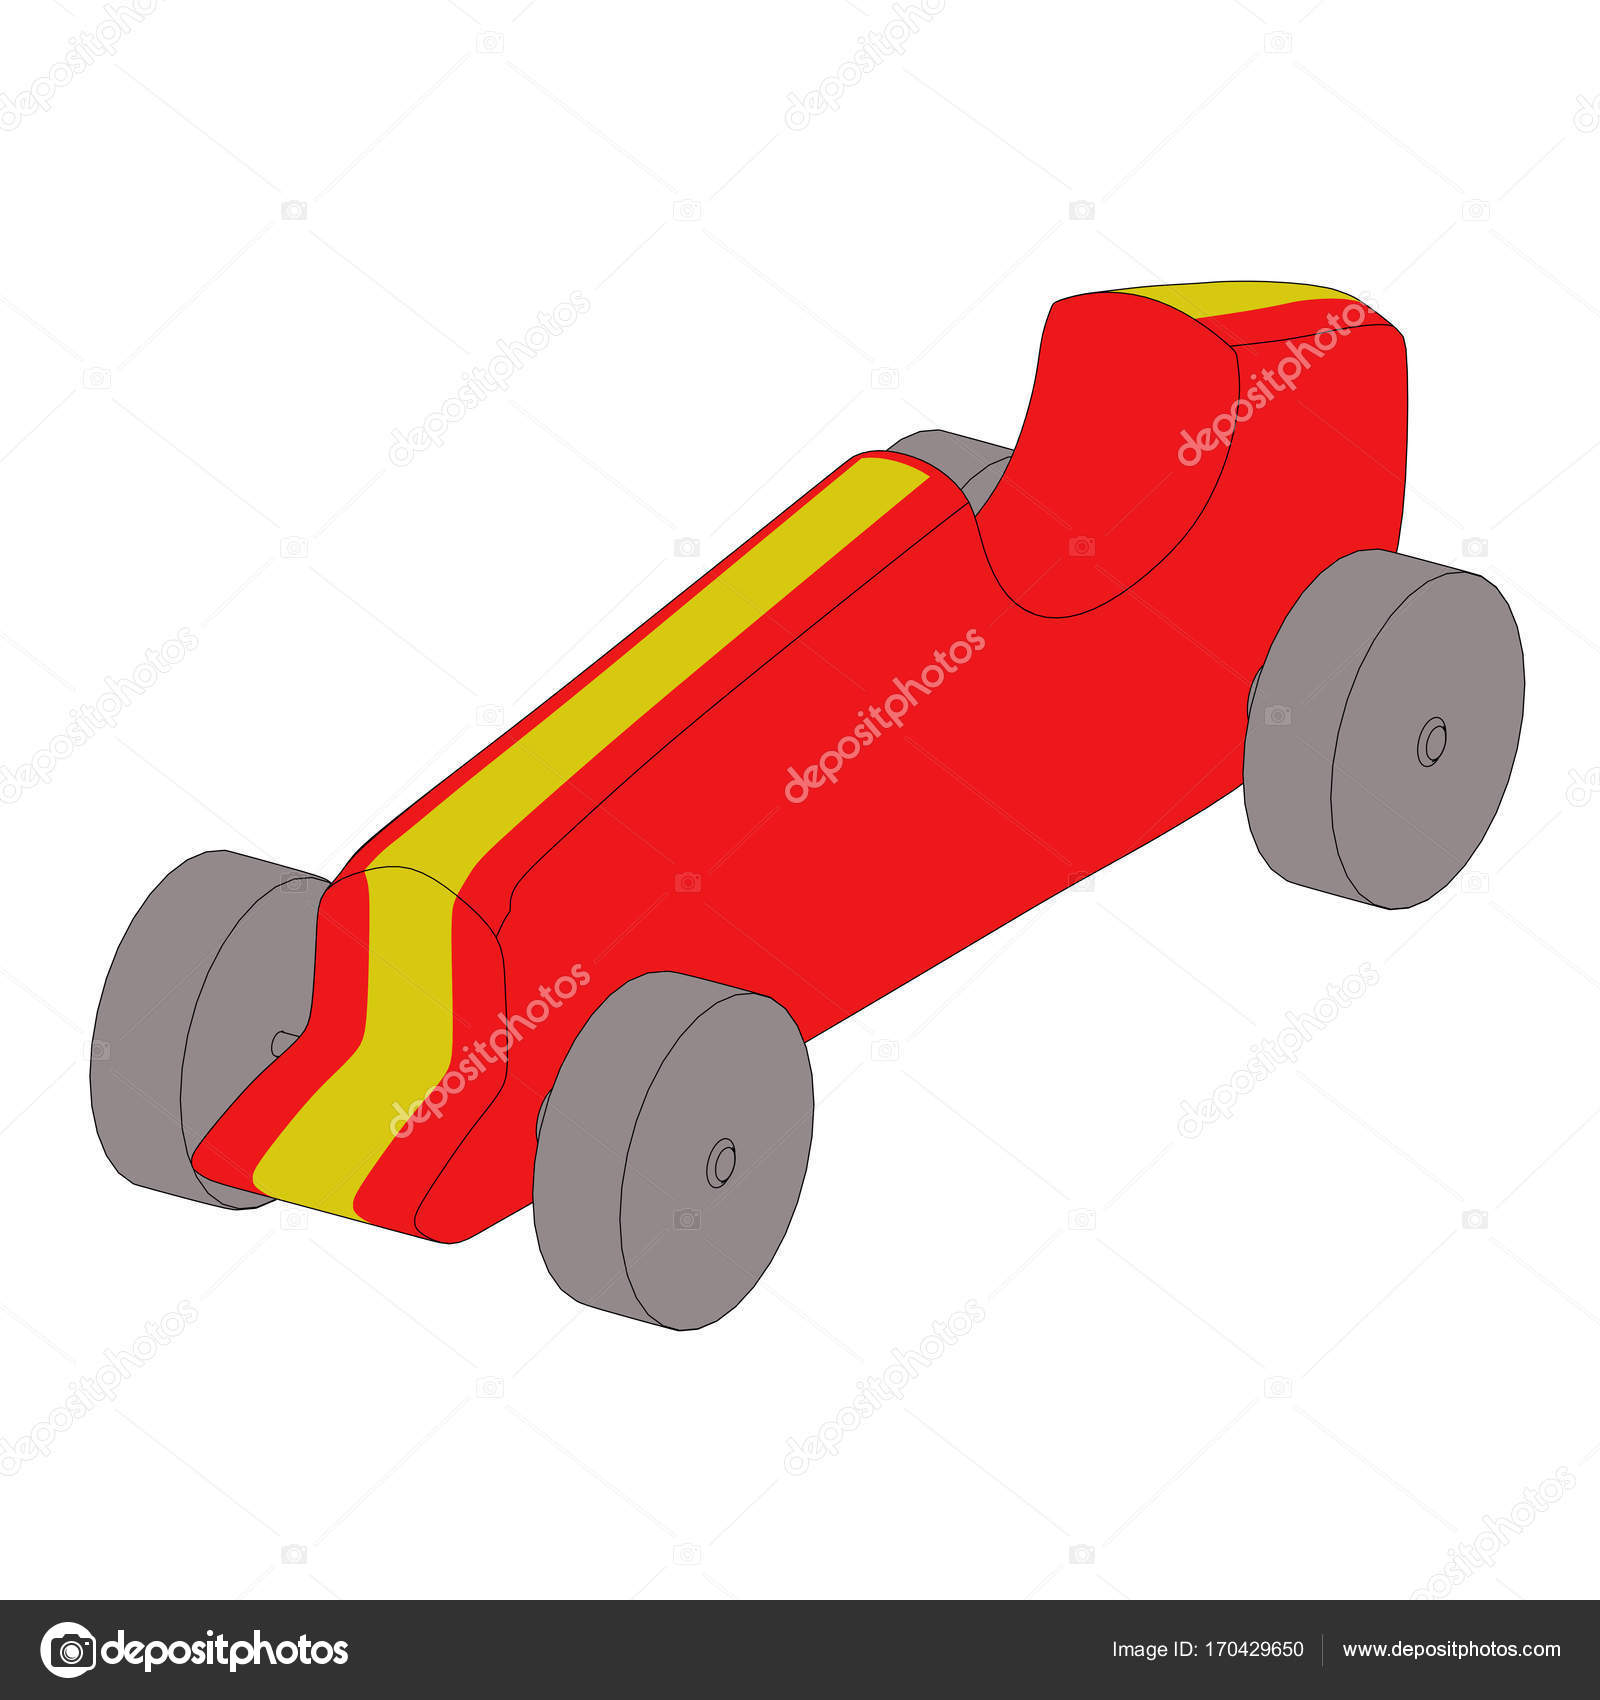 Spielzeug Auto Umriss 3d illustration — Stockfoto © Deanora #170429650